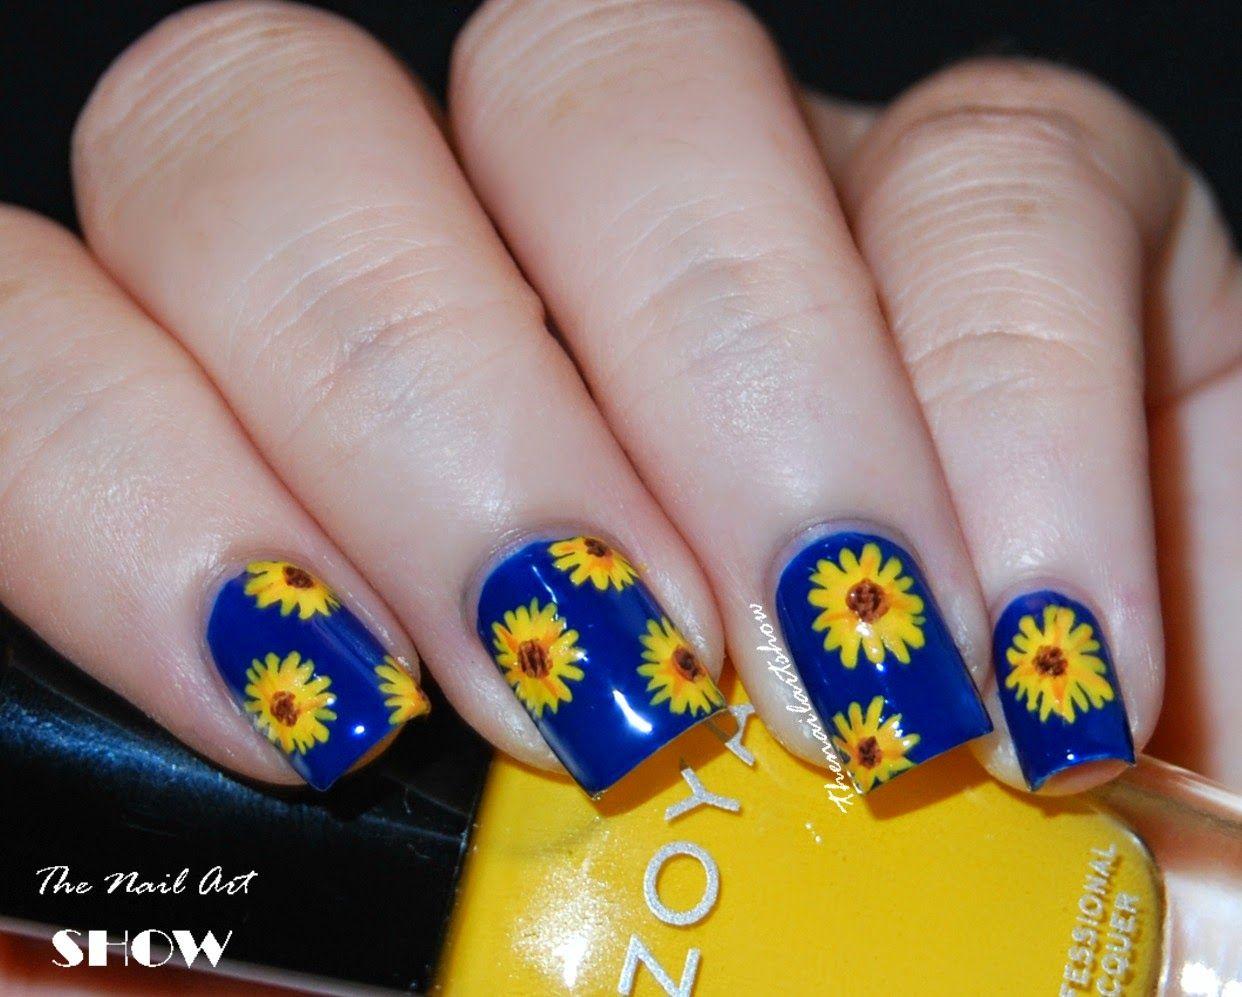 Acrylic nail art - Acrylic Nail Art Designs Tumblr - Google Search Nailed It